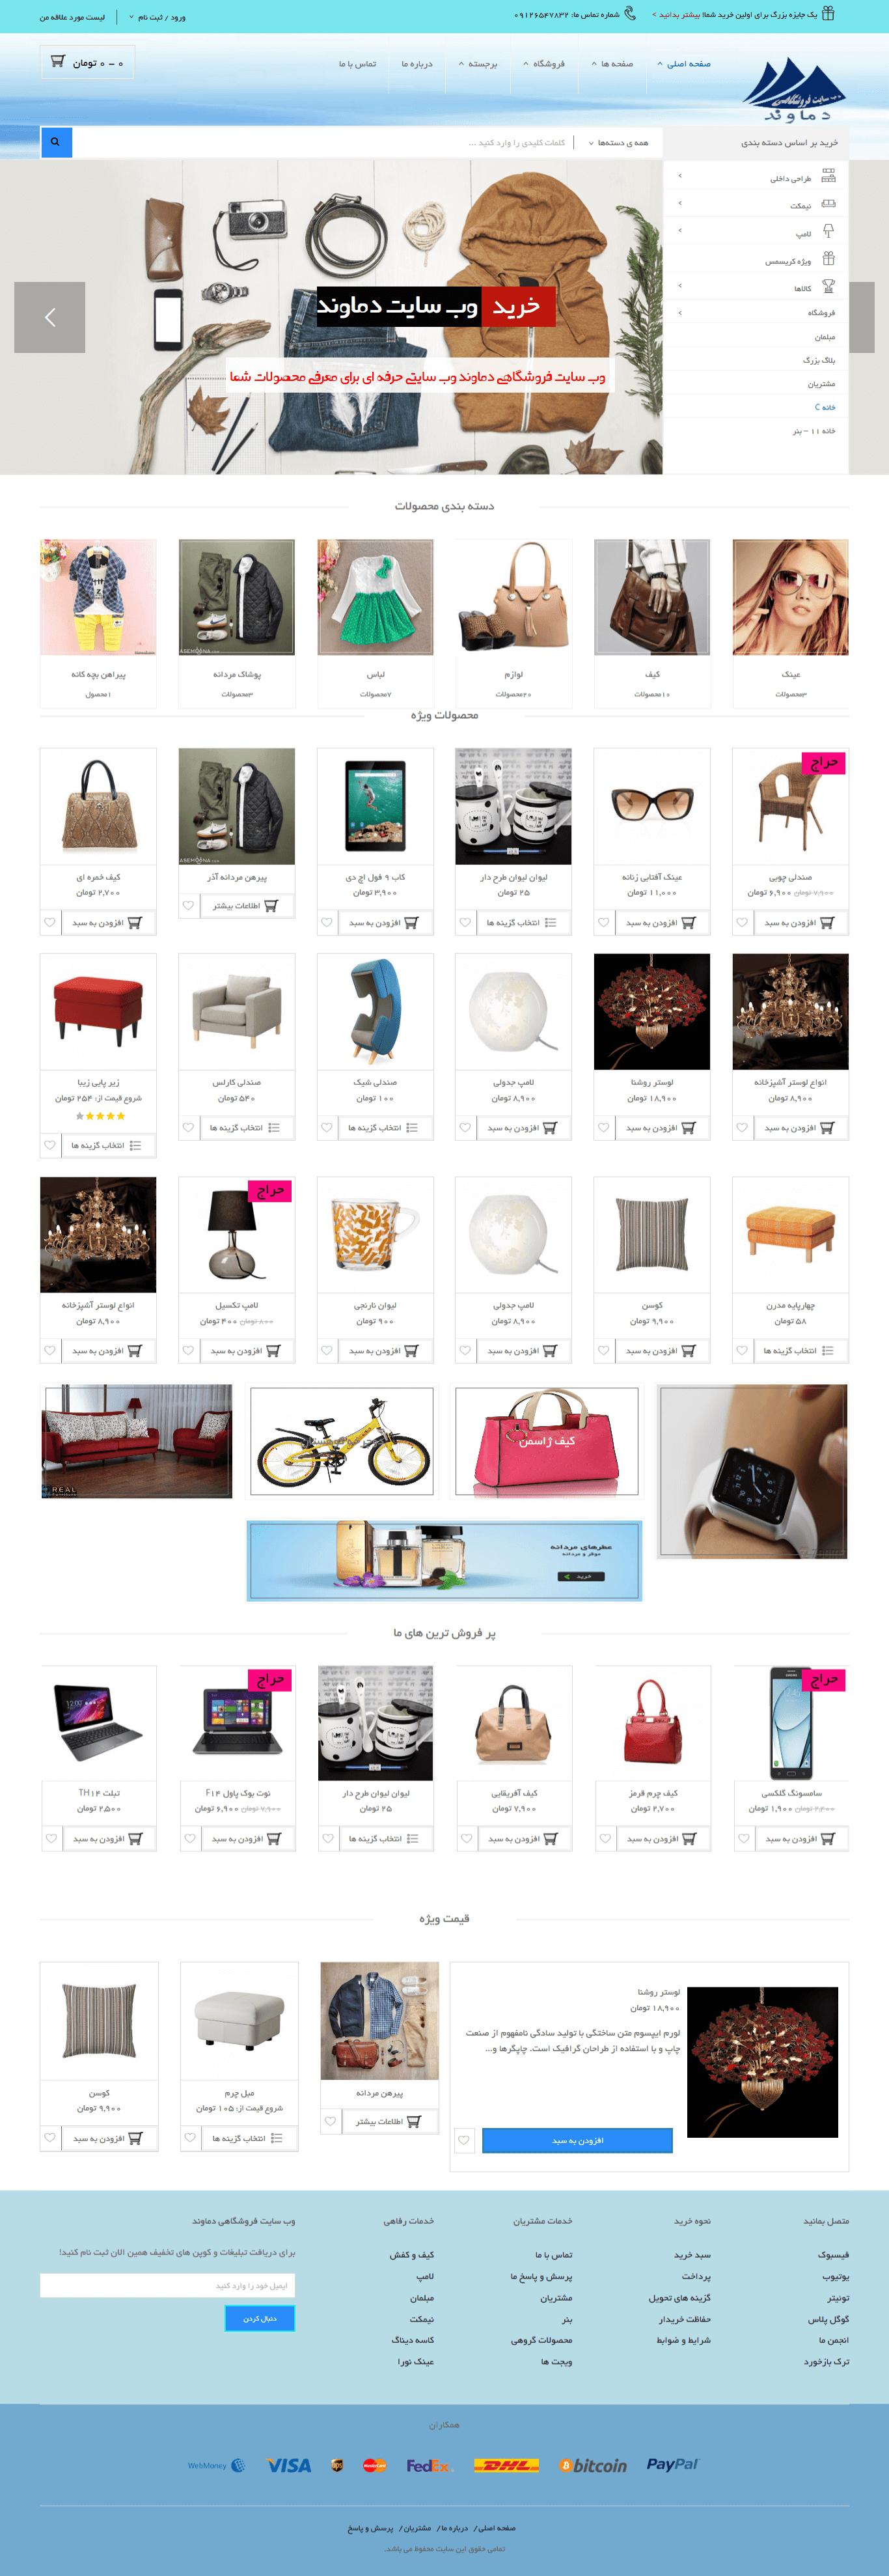 وب سایت فروشگاهی دماوند